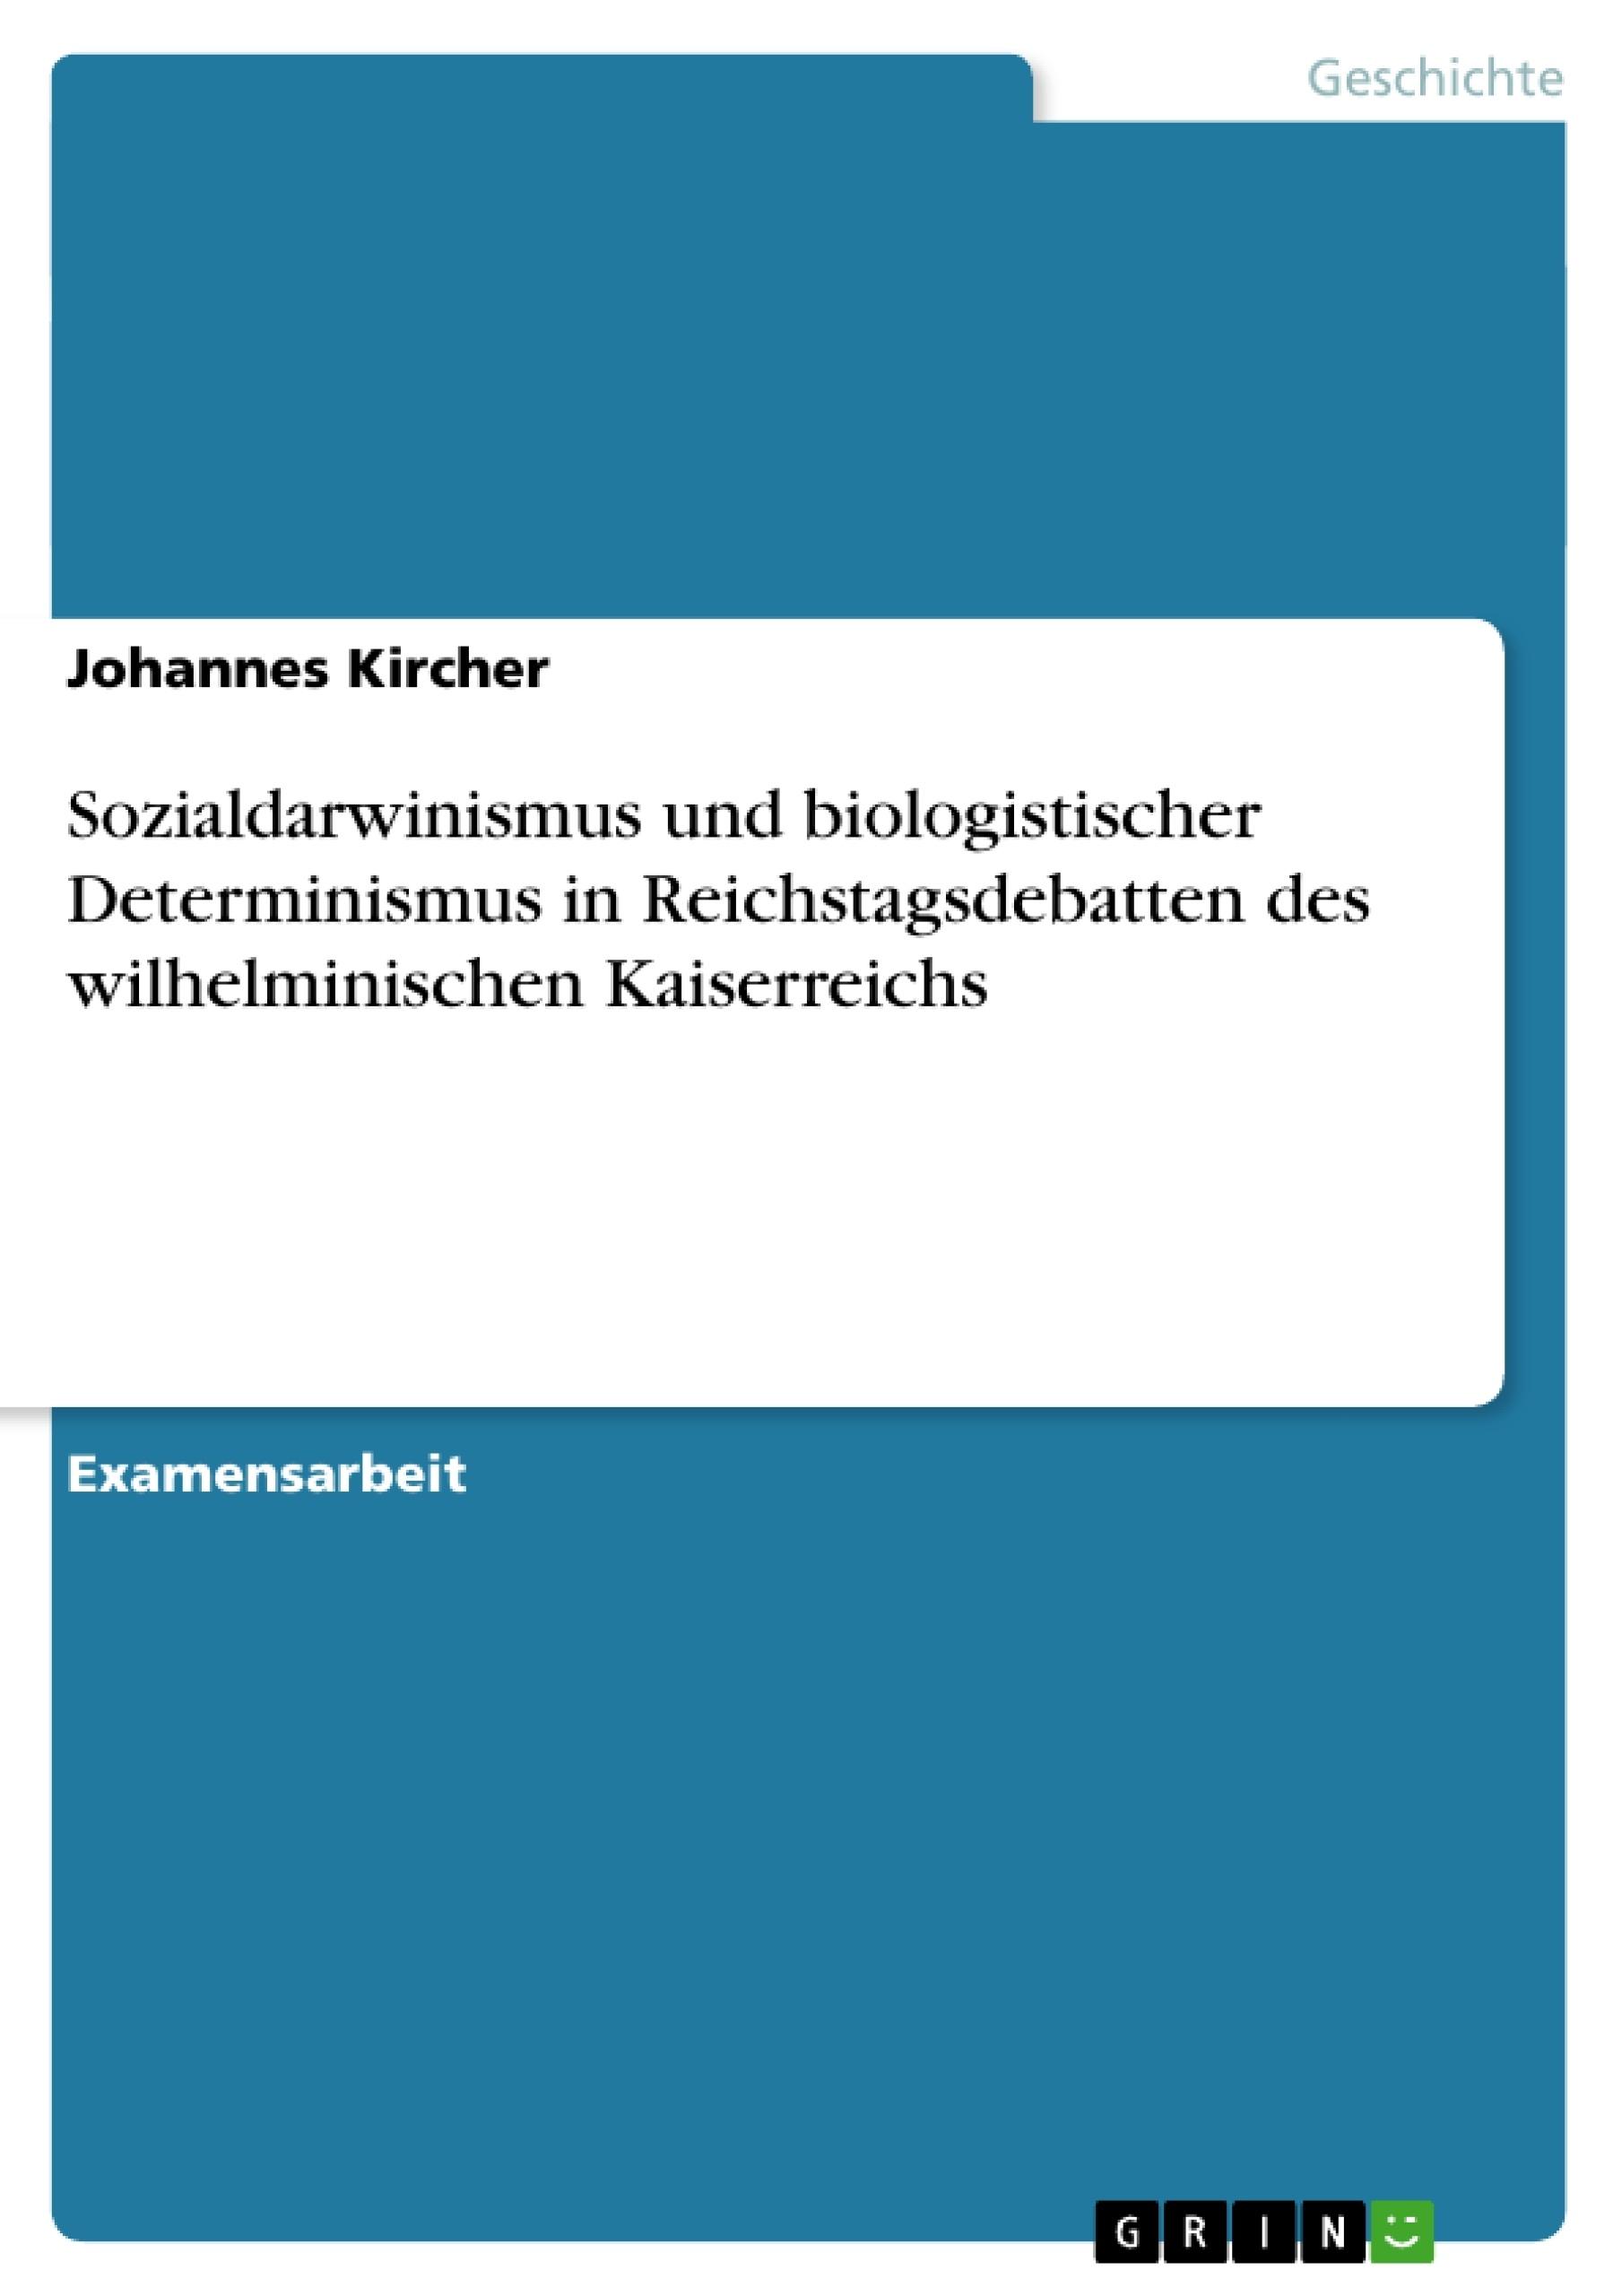 Titel: Sozialdarwinismus und biologistischer Determinismus in Reichstagsdebatten des wilhelminischen Kaiserreichs